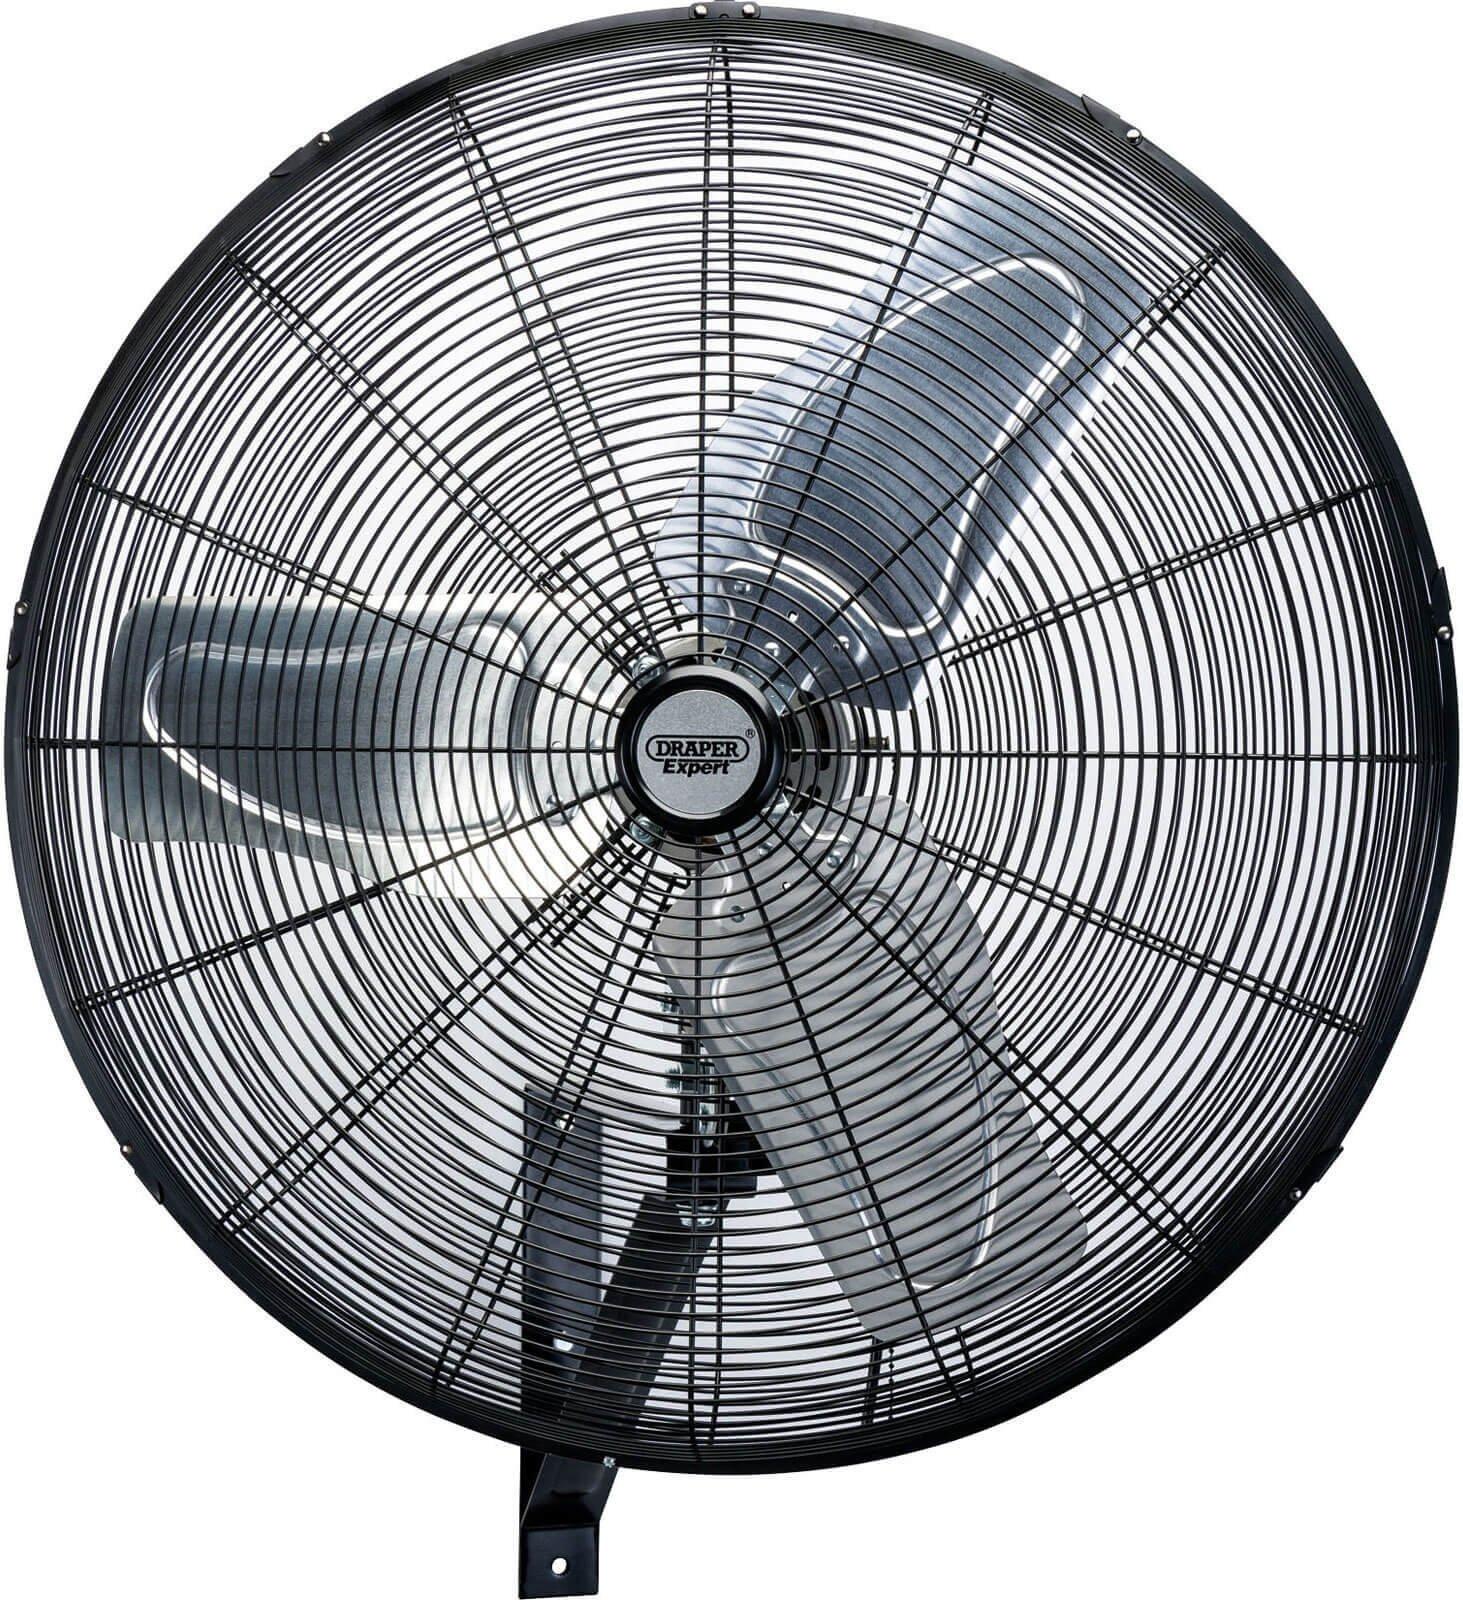 Draper Expert Industrial Wall Mount Fan 24